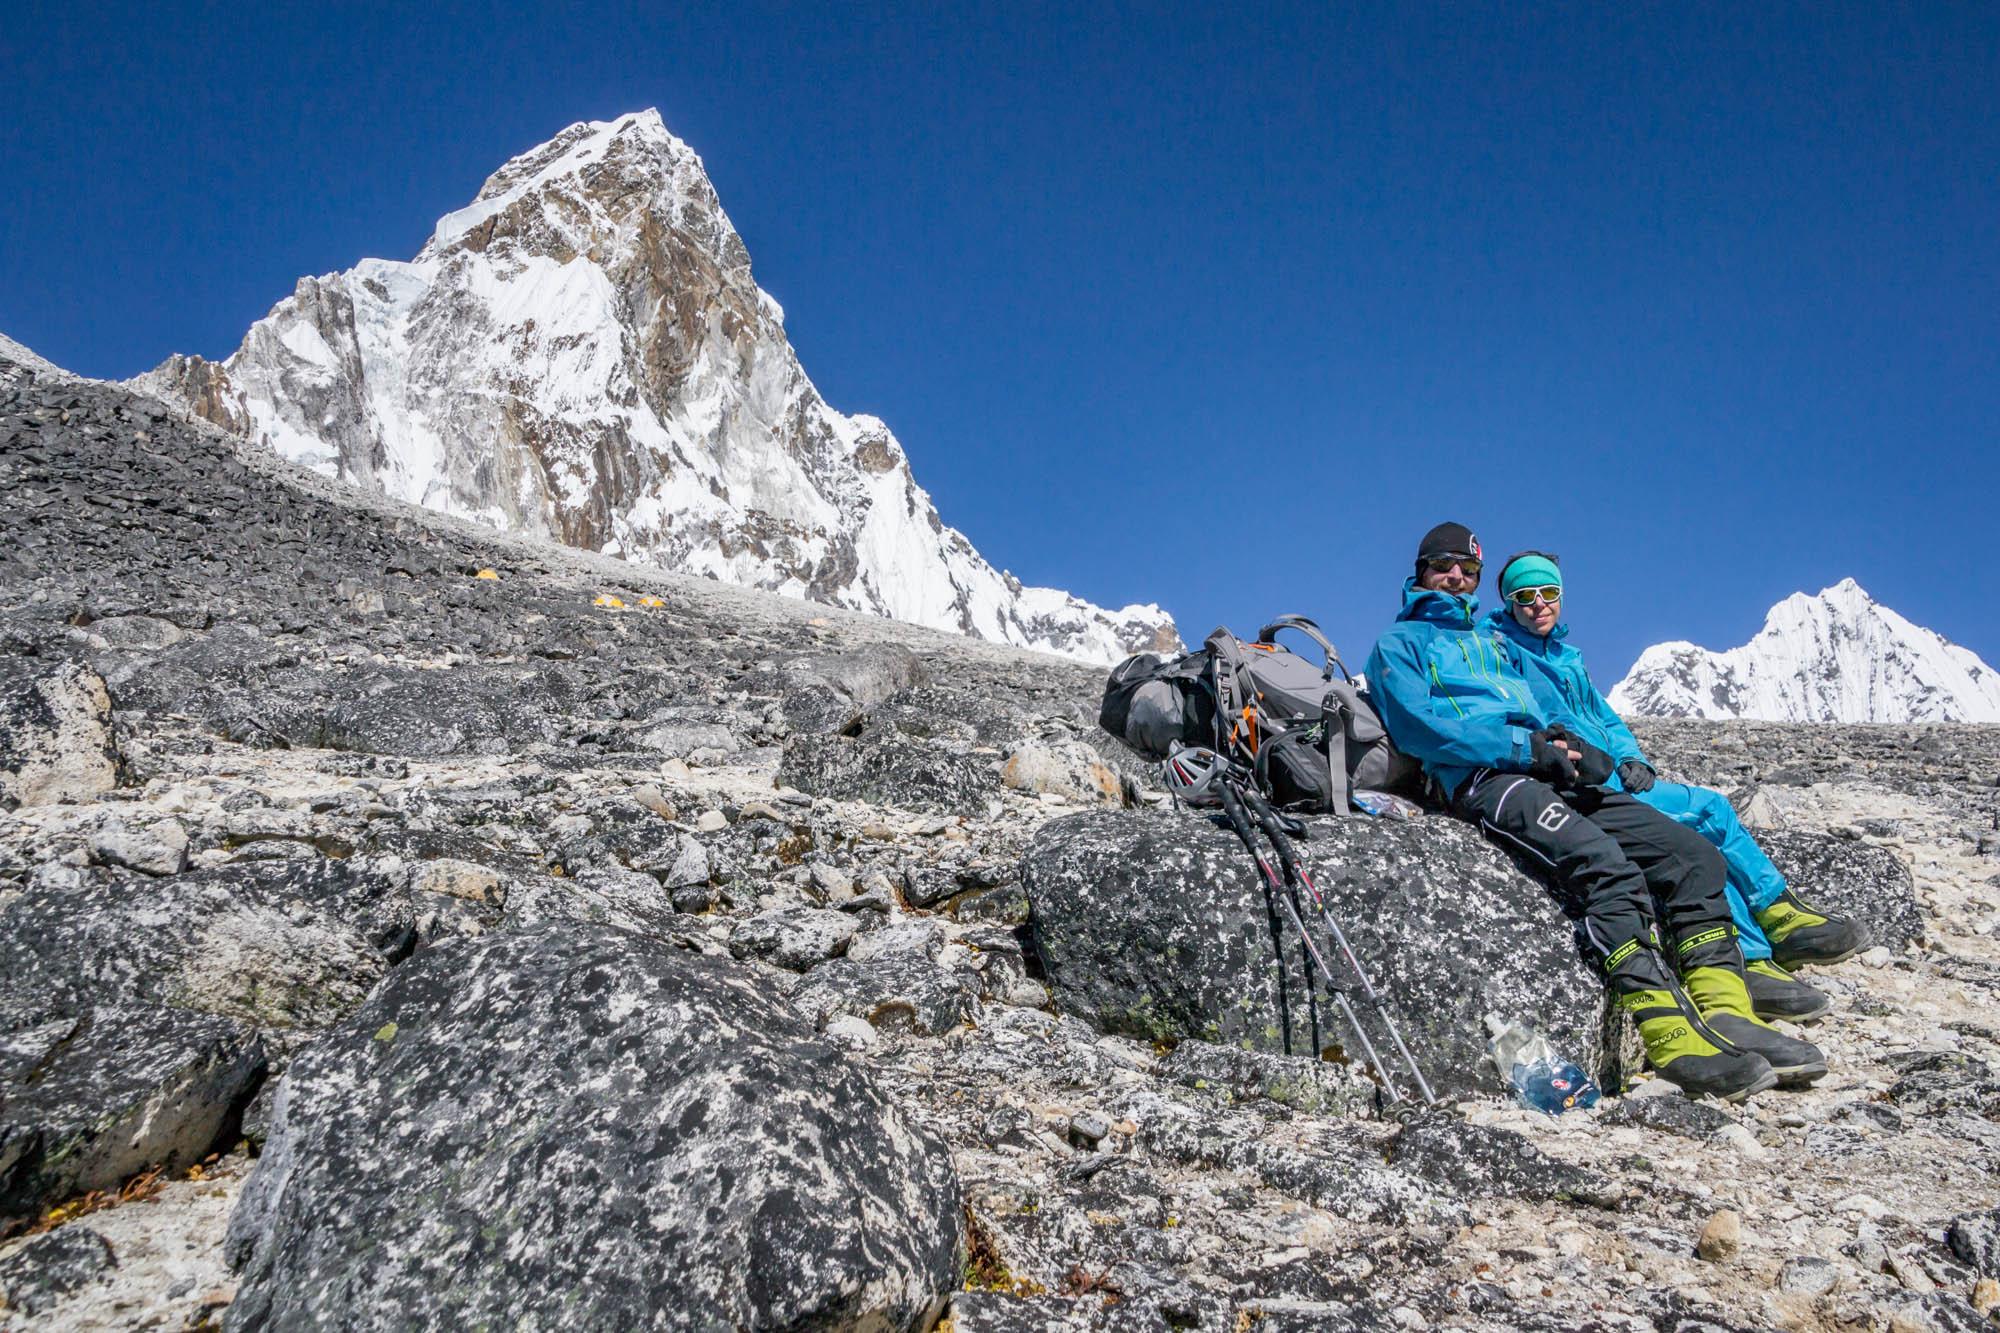 Runter mit dem Rucksack: Wir verschnaufen im ABC beim Abstieg von der Ama Dablam.